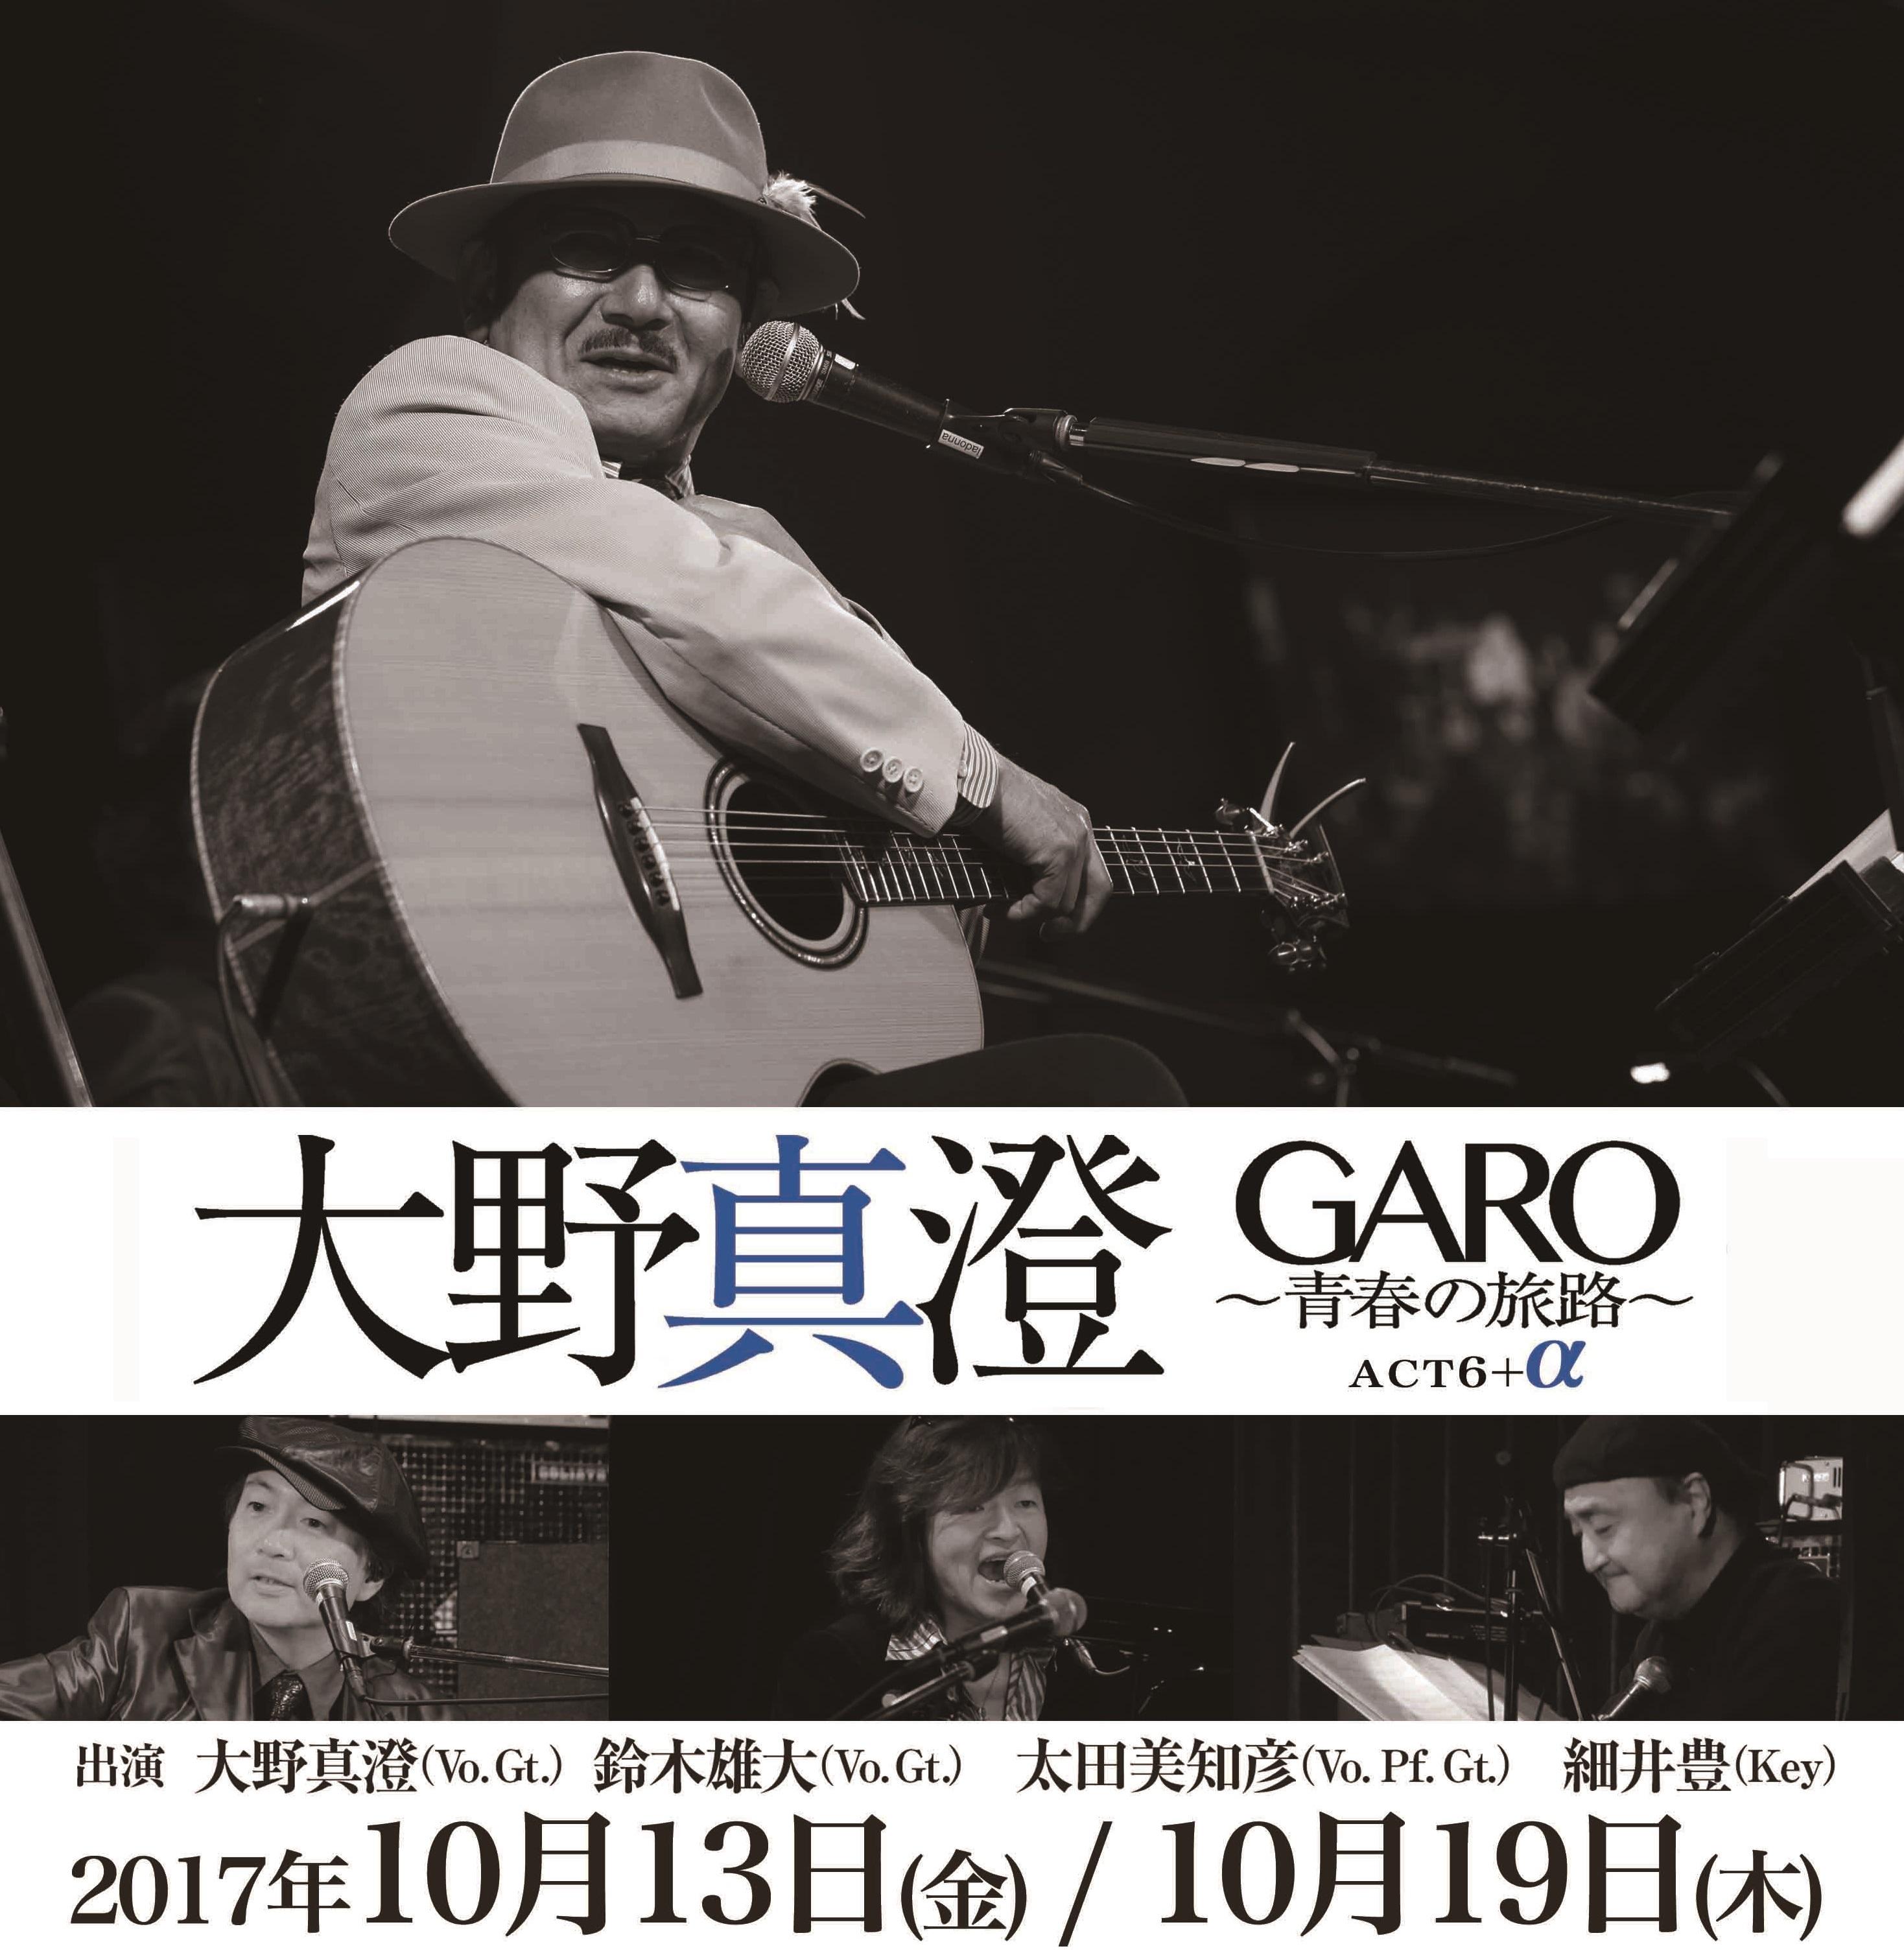 大野真澄 ~GARO 青春の旅路 ACT6+α